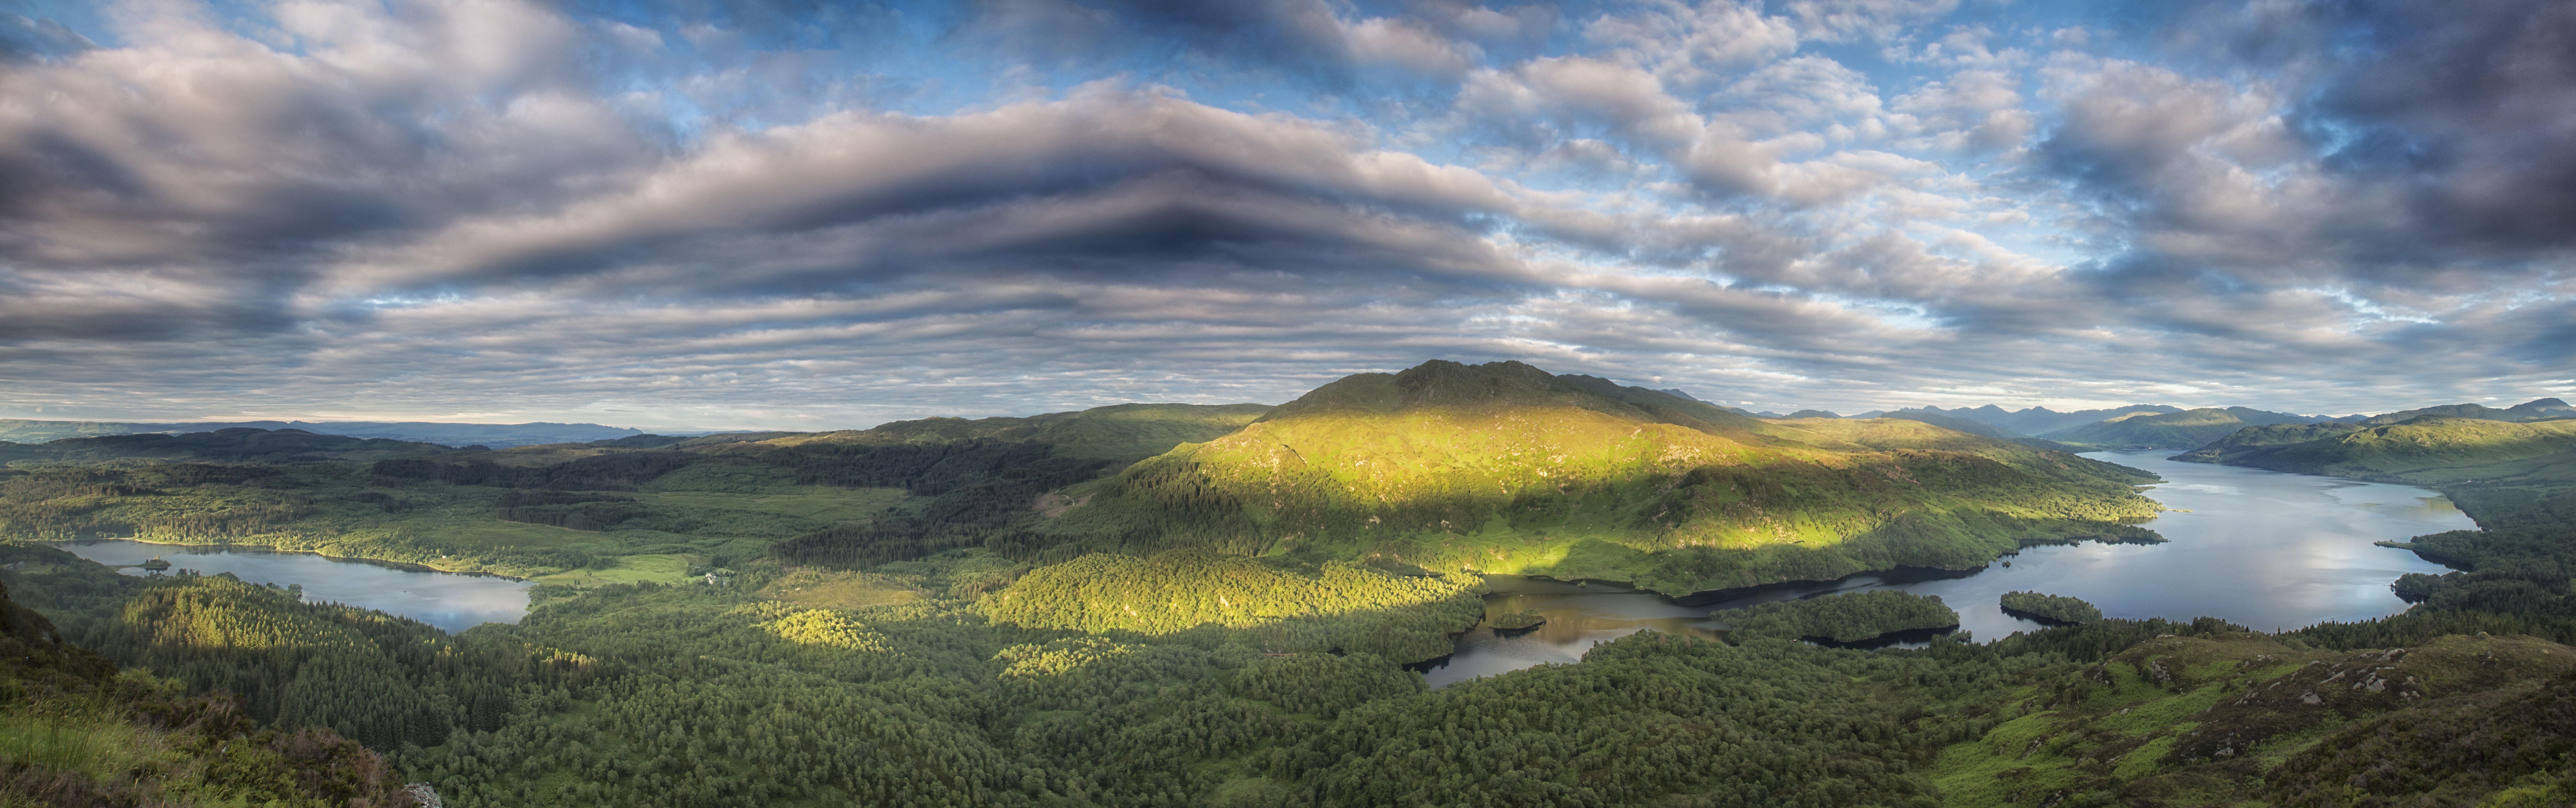 Gambar Pemandangan Laut Pantai Horison Gurun Gunung Awan